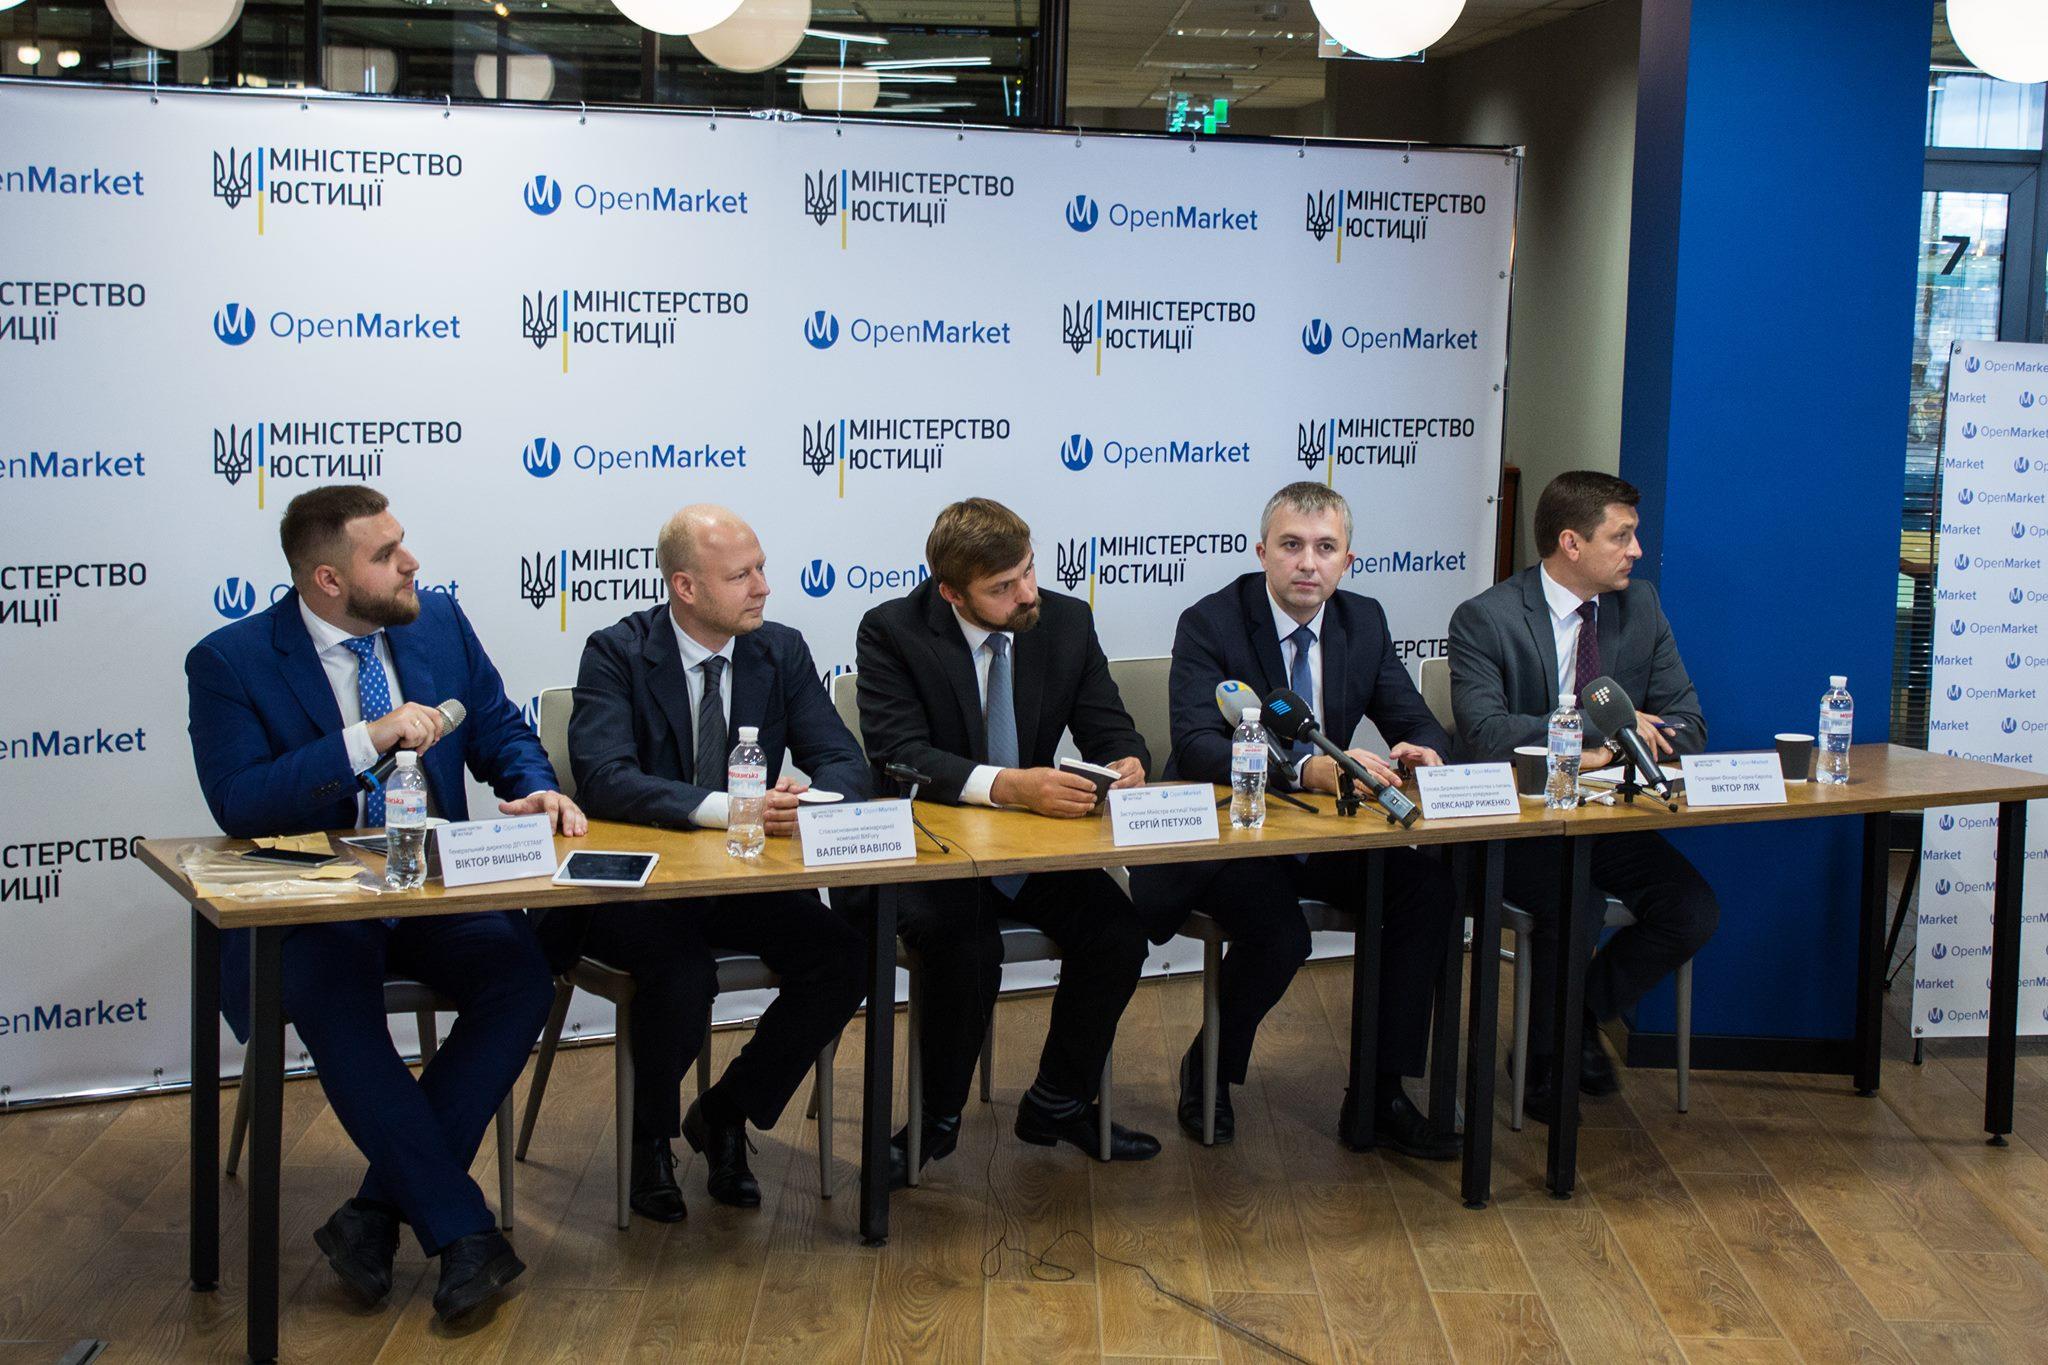 Глава OpenMarket: мы провели на блокчейне 24 202 аукциона и продали активы на 692 млн грн